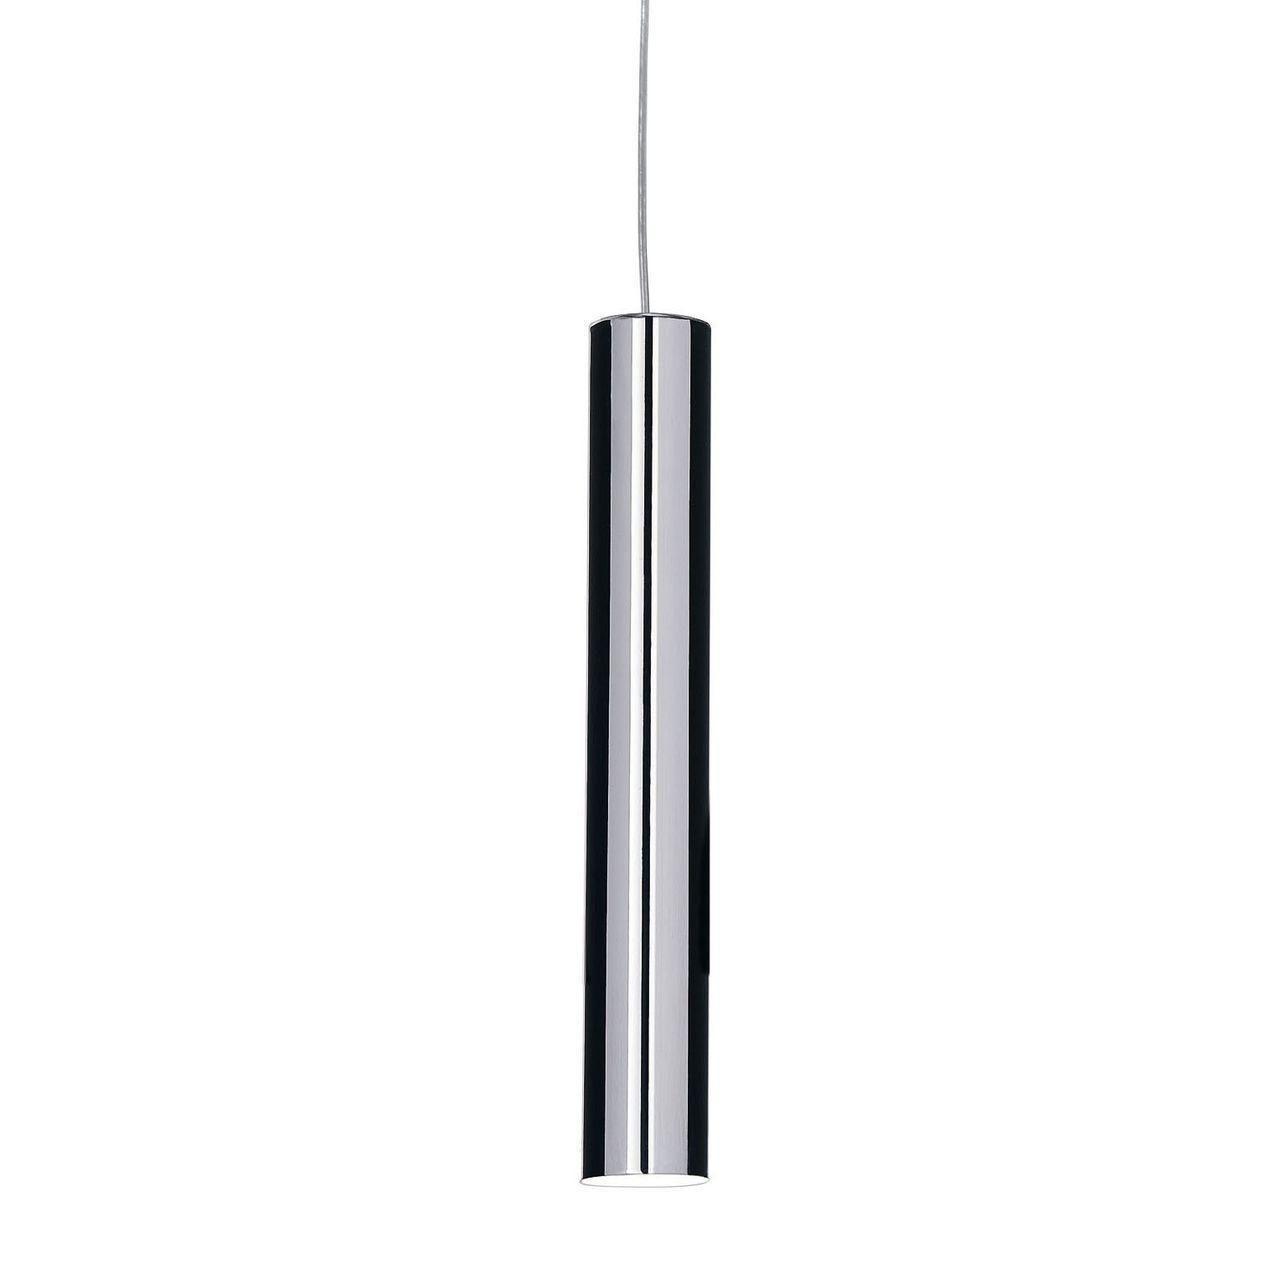 Подвесной светодиодный светильник Ideal Lux Ultrathin SP1 Small Cromo подвесной светодиодный светильник ideal lux desk sp1